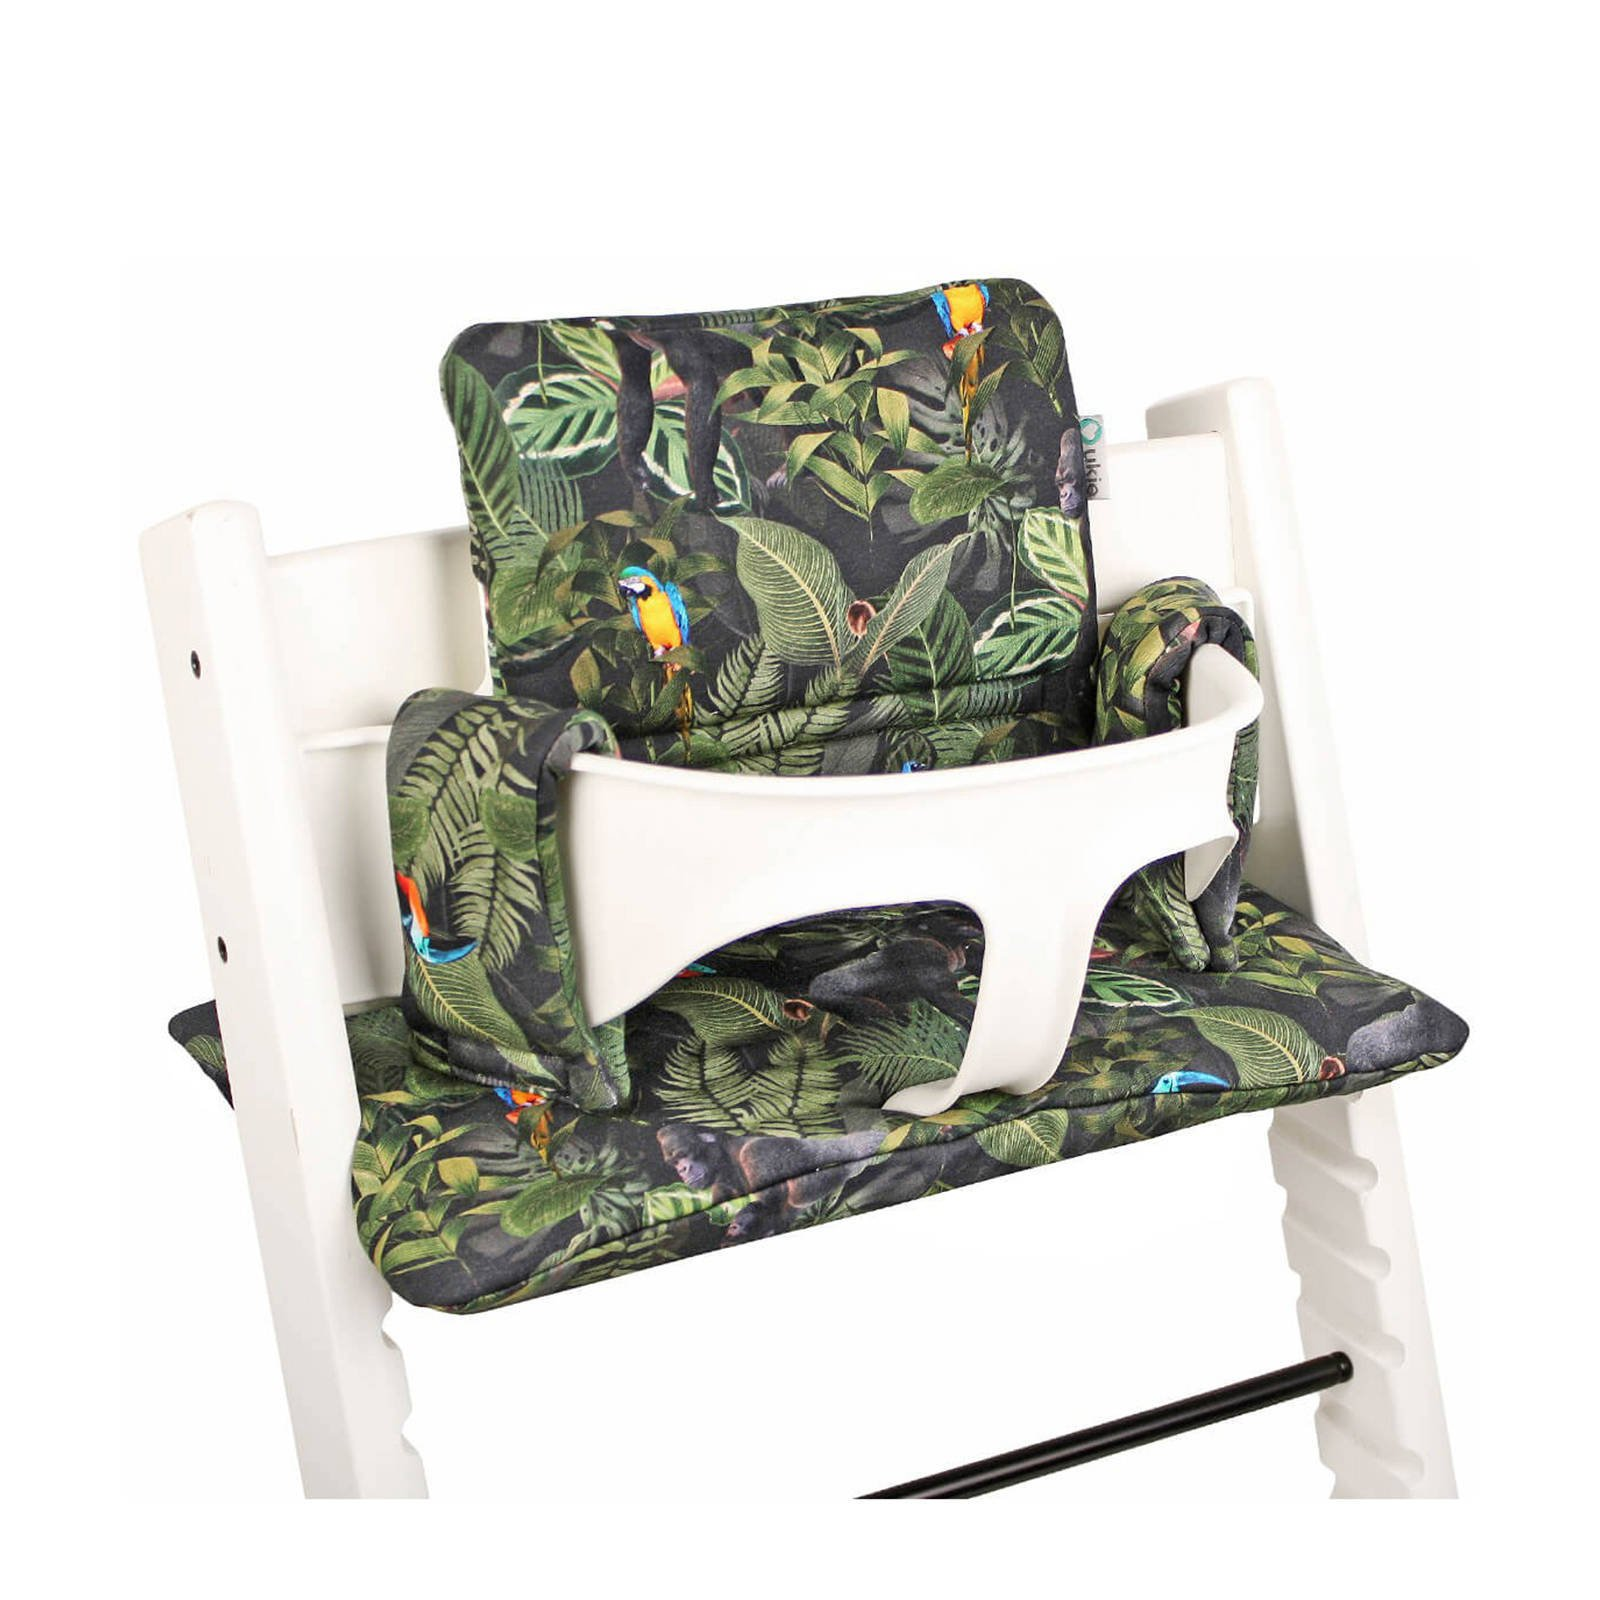 kussenset voor kinderstoel Stokke Tripp Trapp jungleprint groen